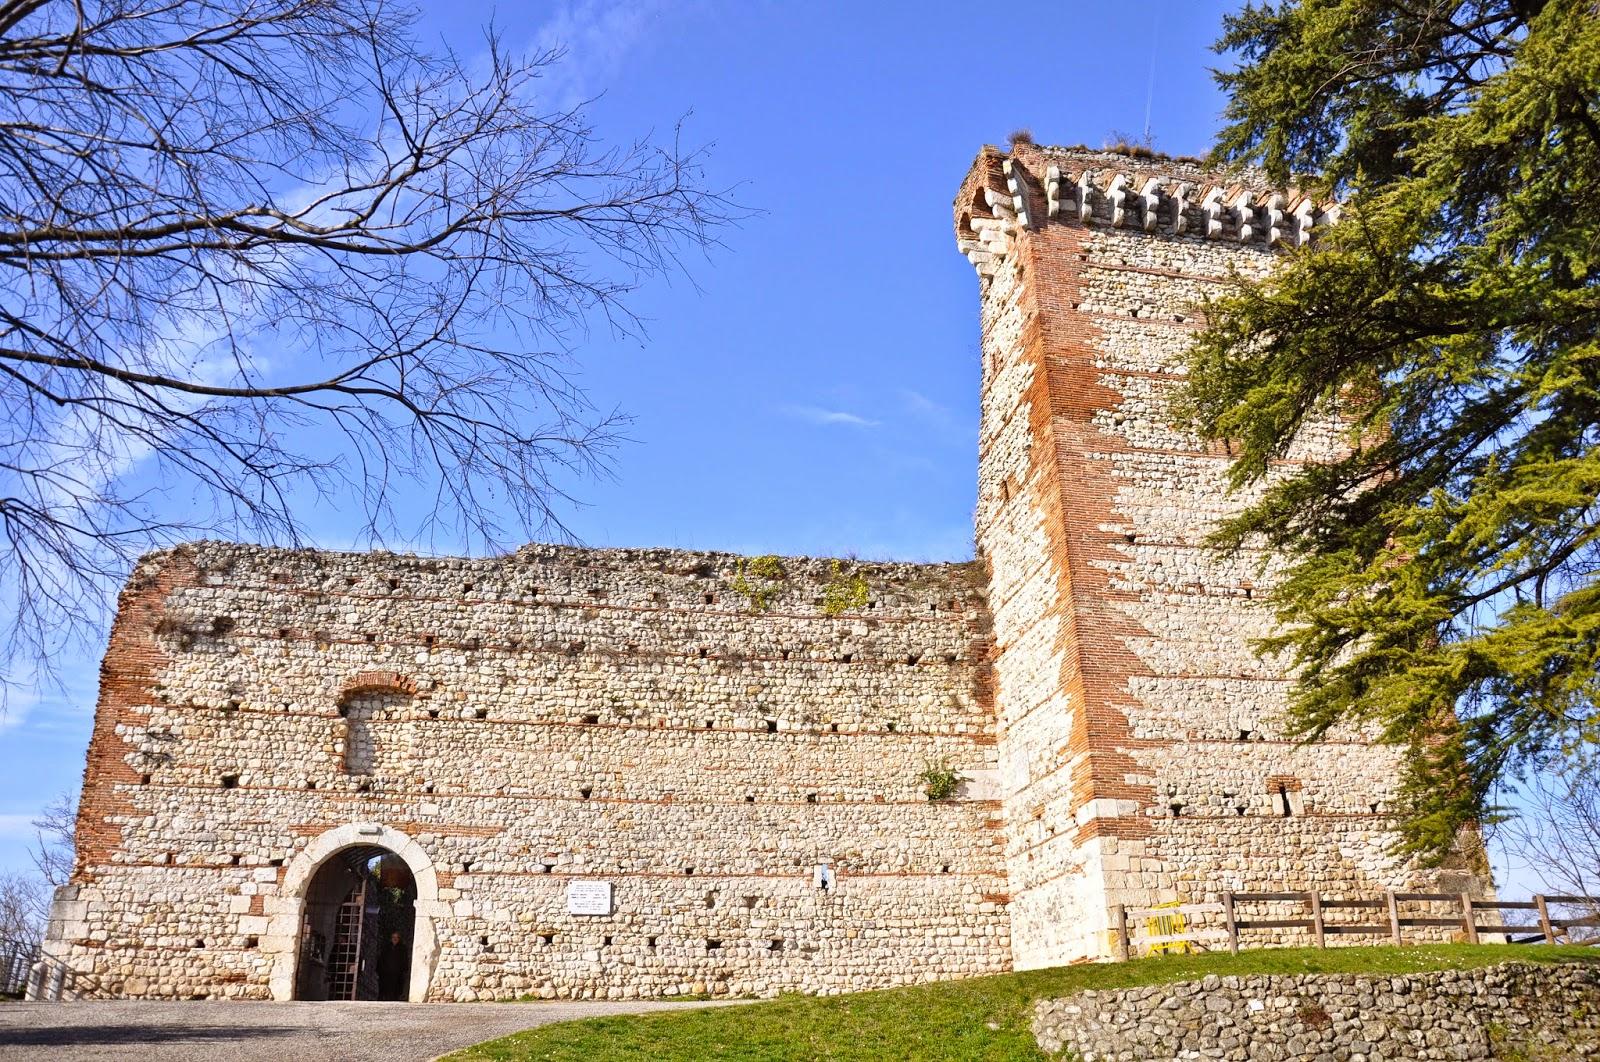 Romeo's Castle, Montecchio Maggiore, Veneto